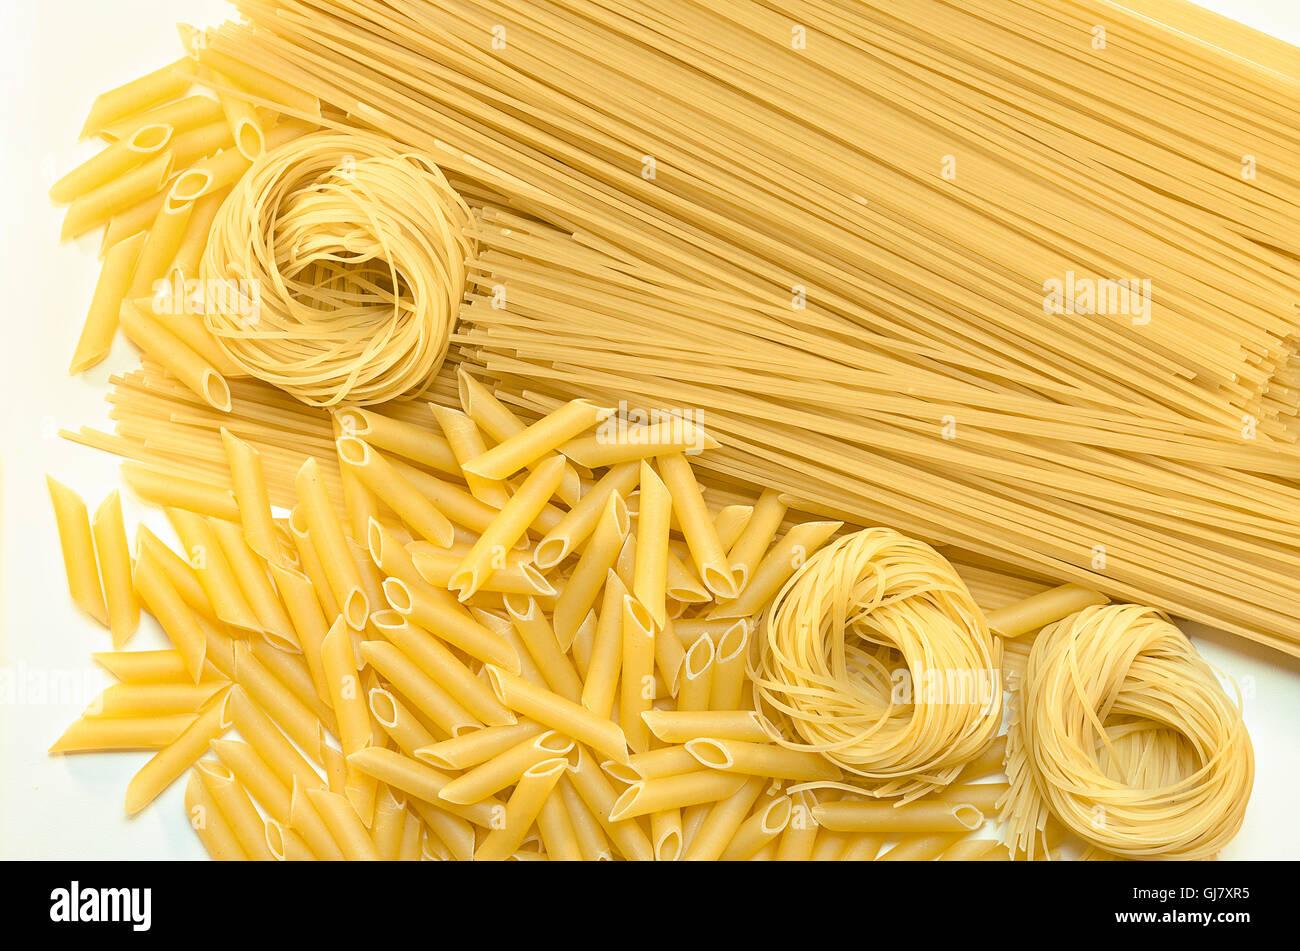 Verschiedene Pasta auf die weiße Fläche liegend Stockbild